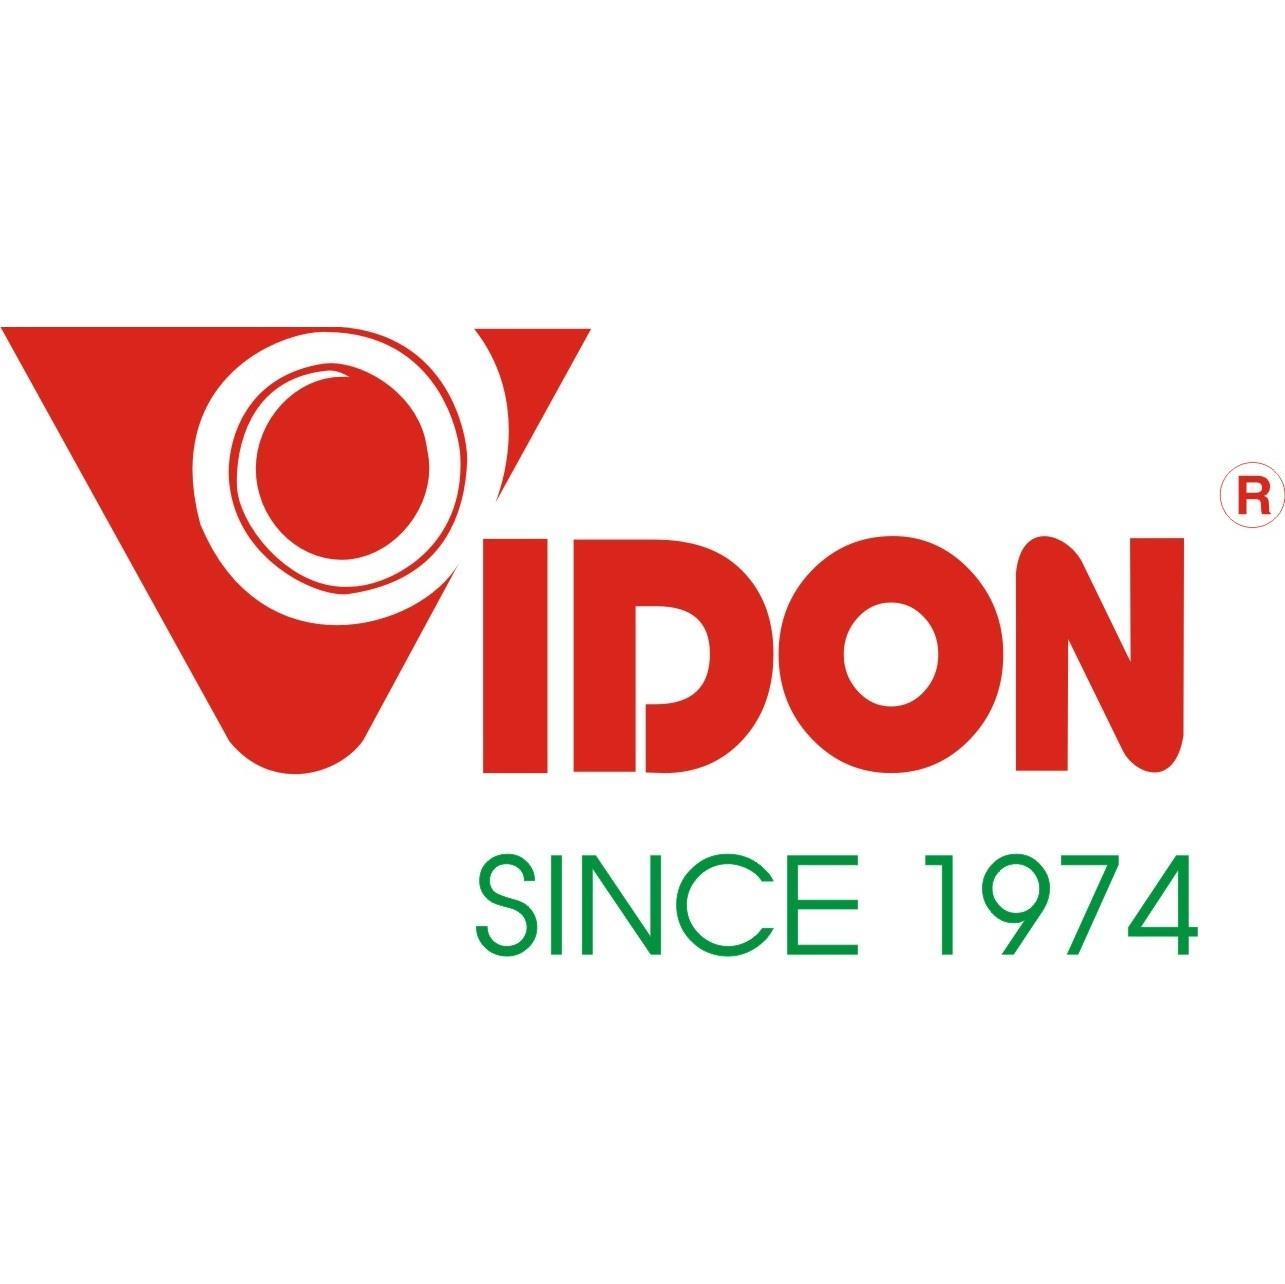 VID: Thông báo về việc giảm vốn đầu tư tại LADOTEA